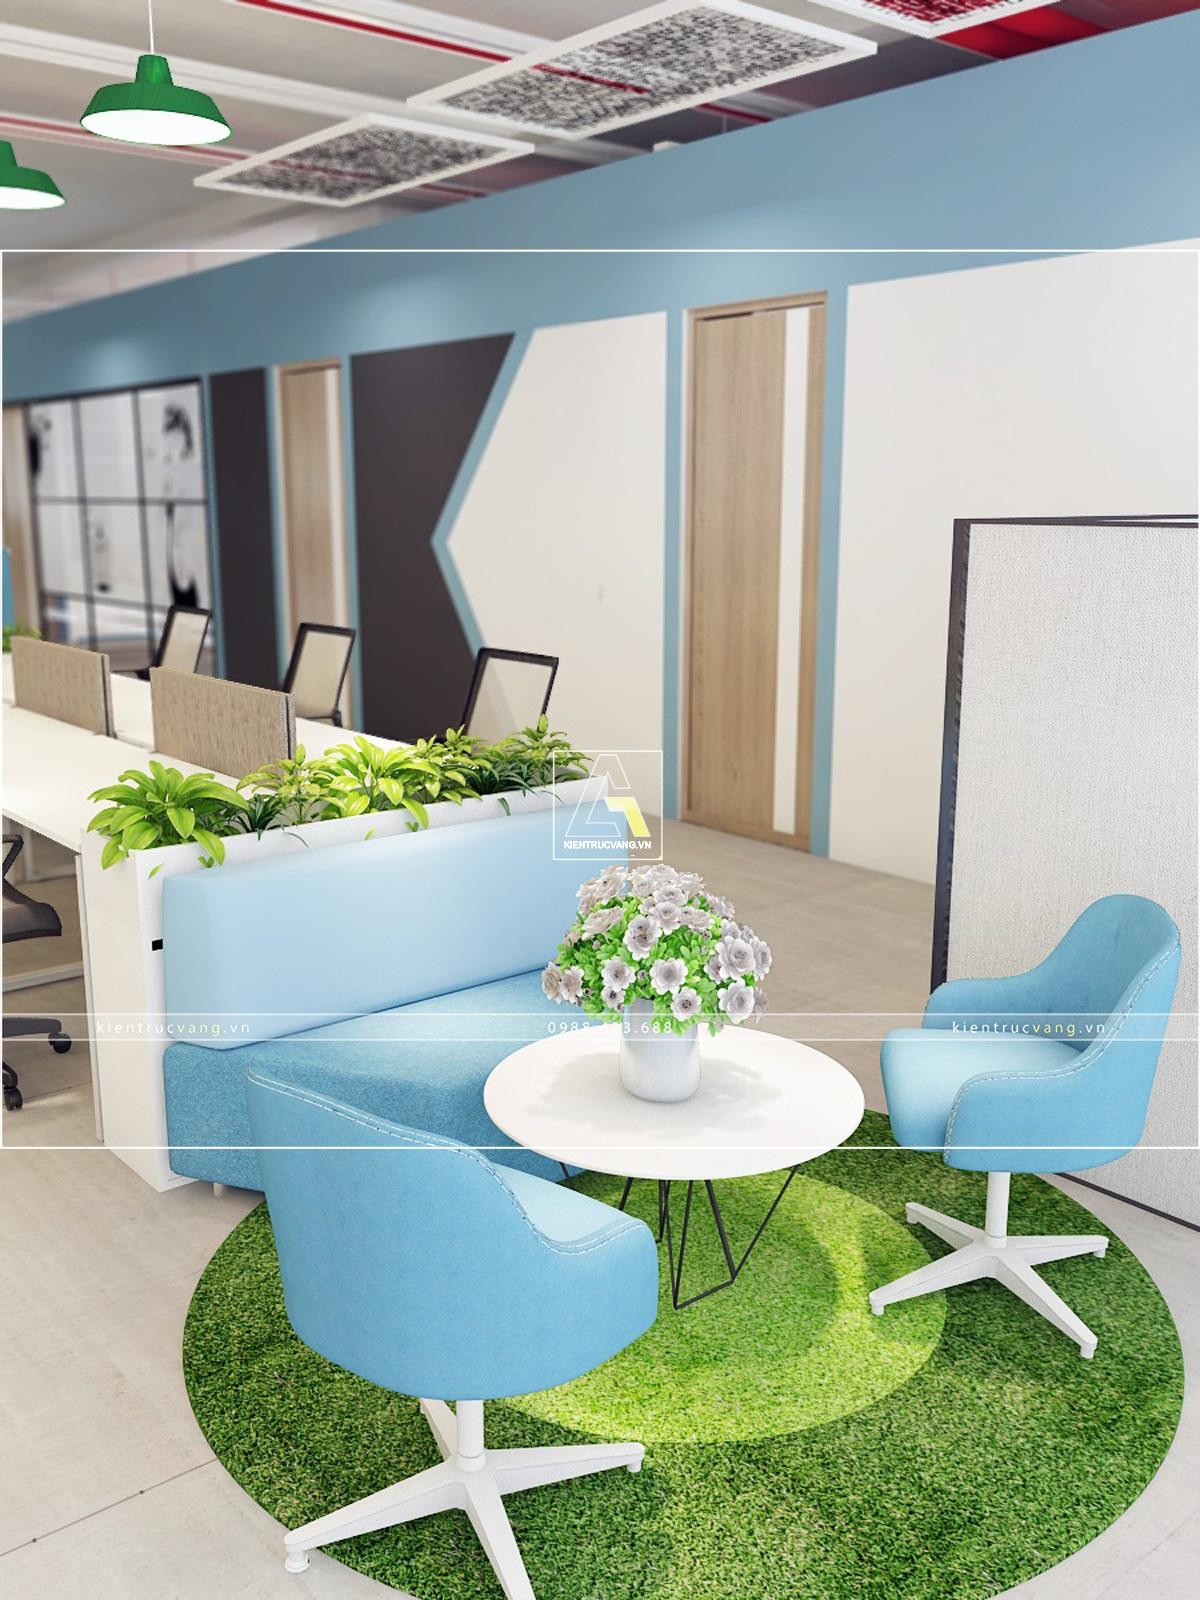 thiết kế nội thất Văn Phòng tại Hồ Chí Minh Thiết kế nội thất văn phòng Misa Hồ Chính Minh 18 1530873742